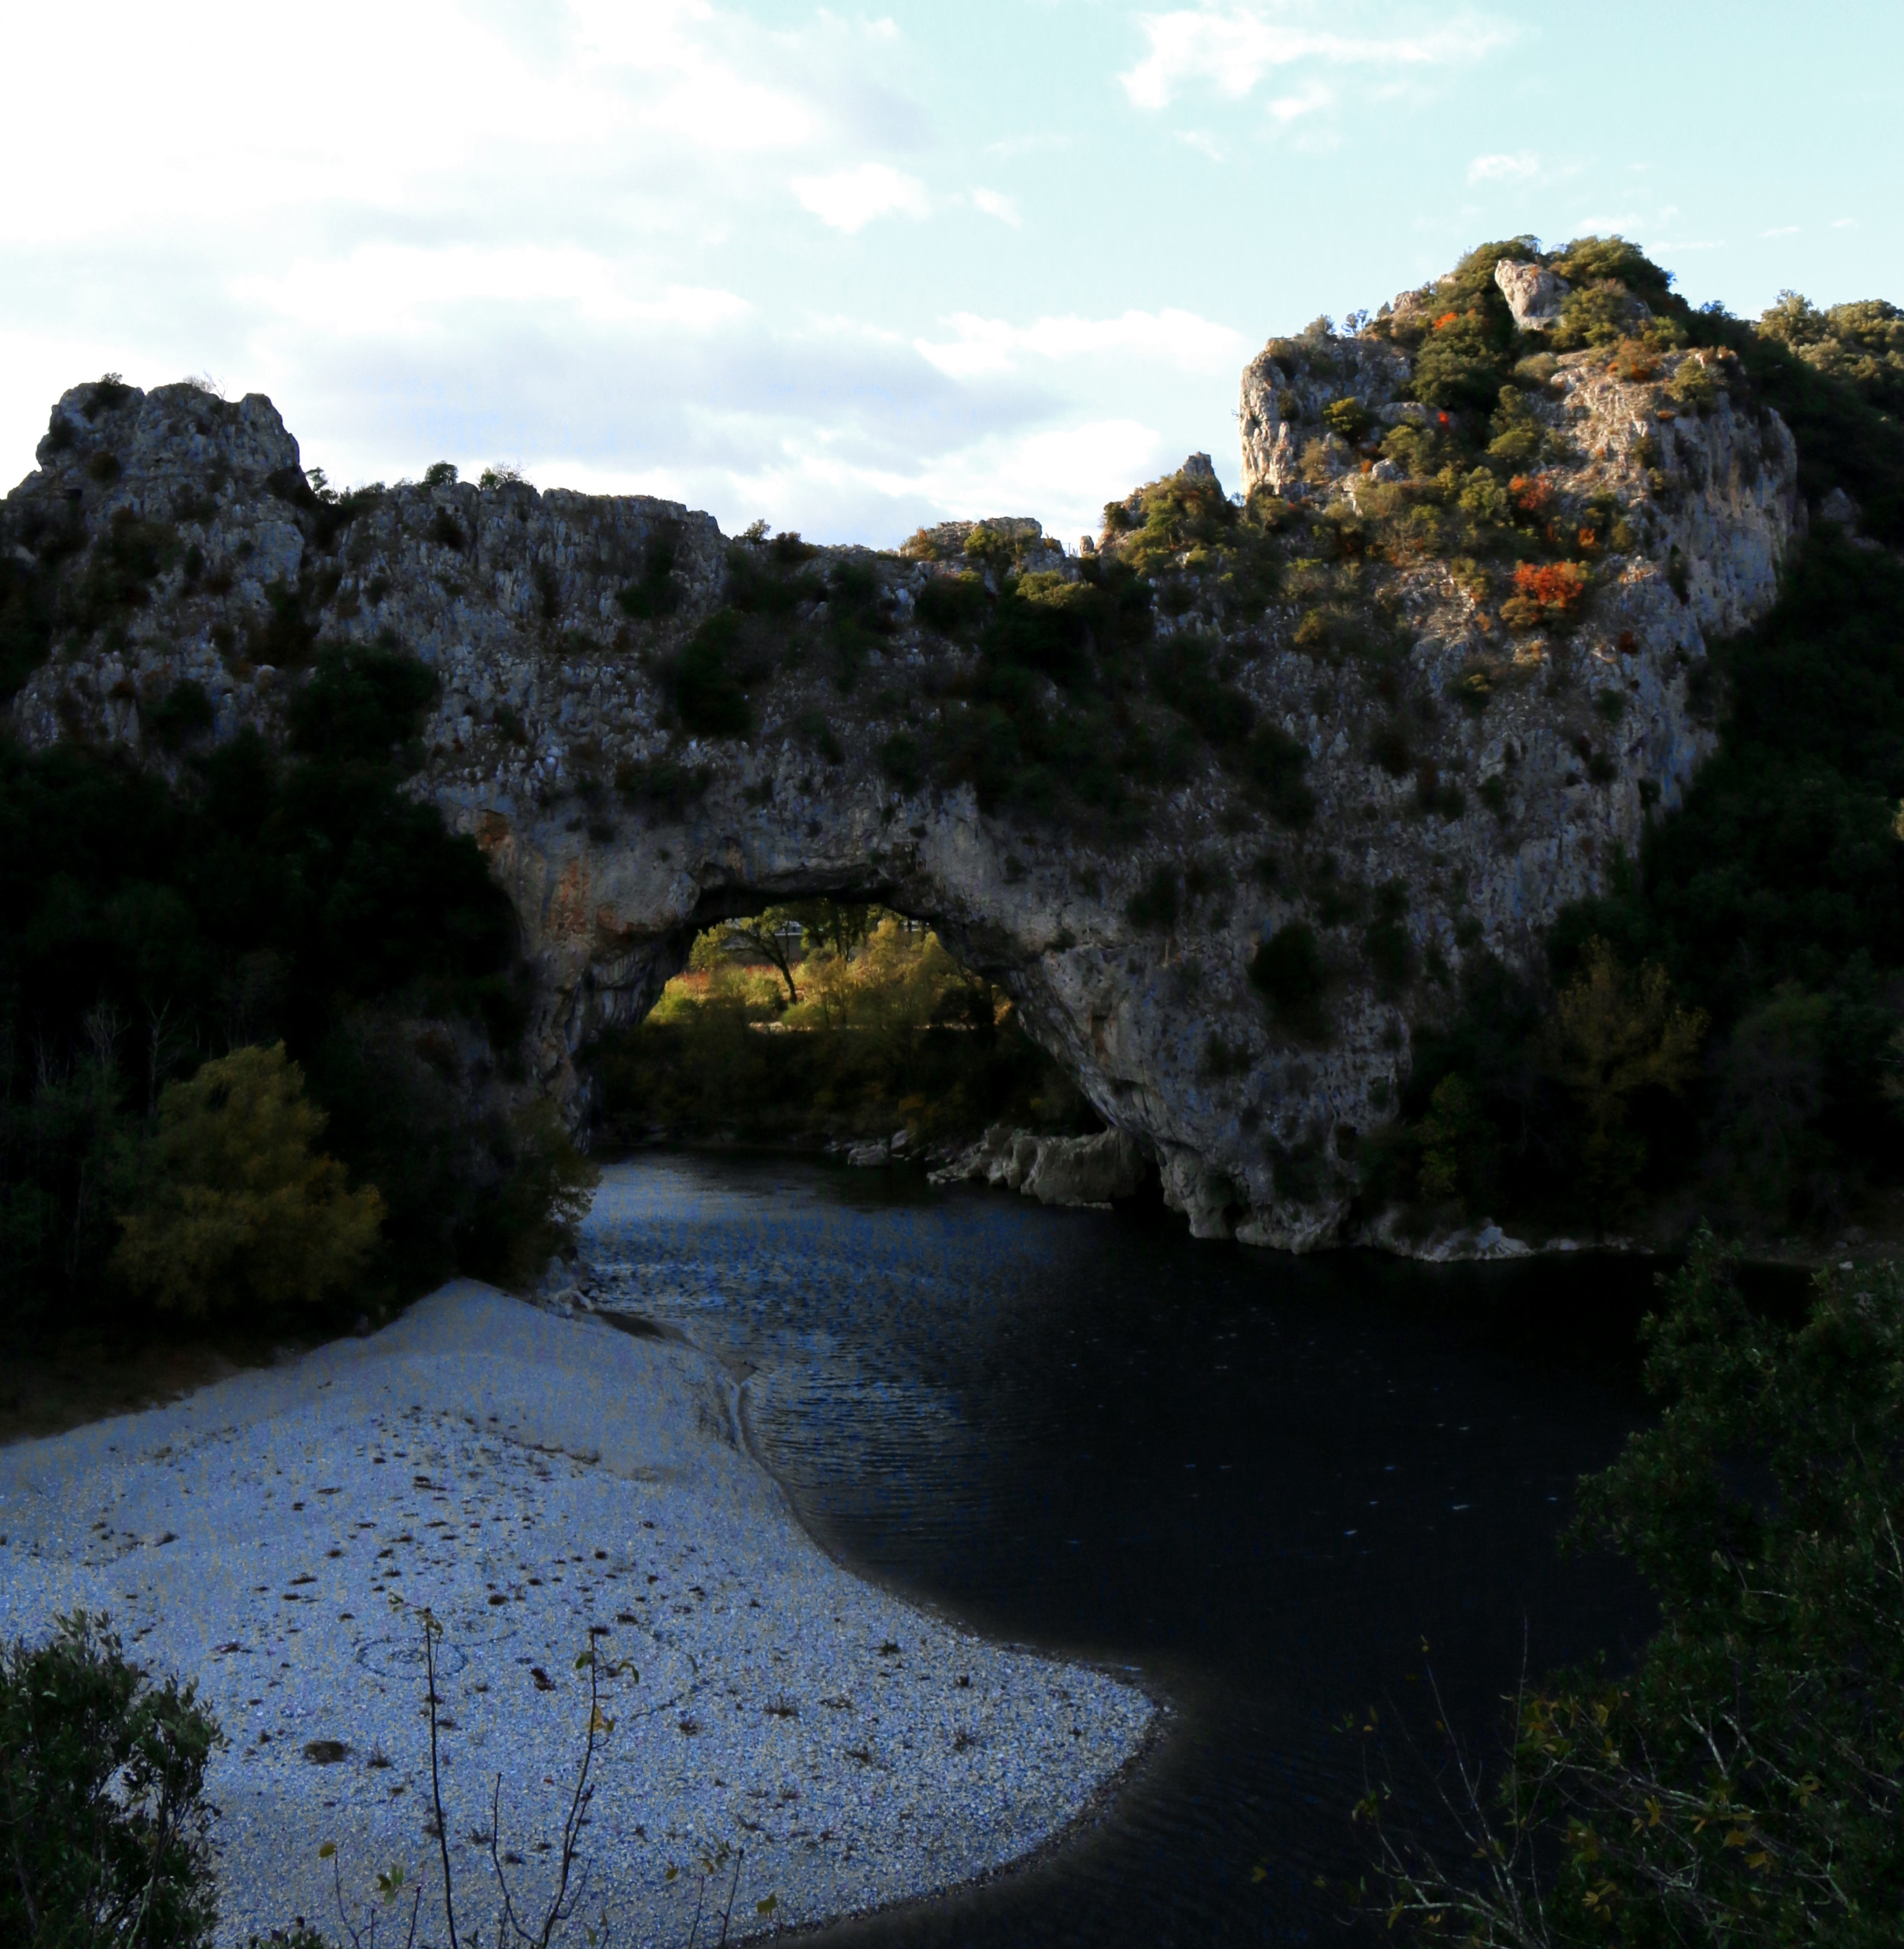 Kalksteinfelsen in Südfrankreich